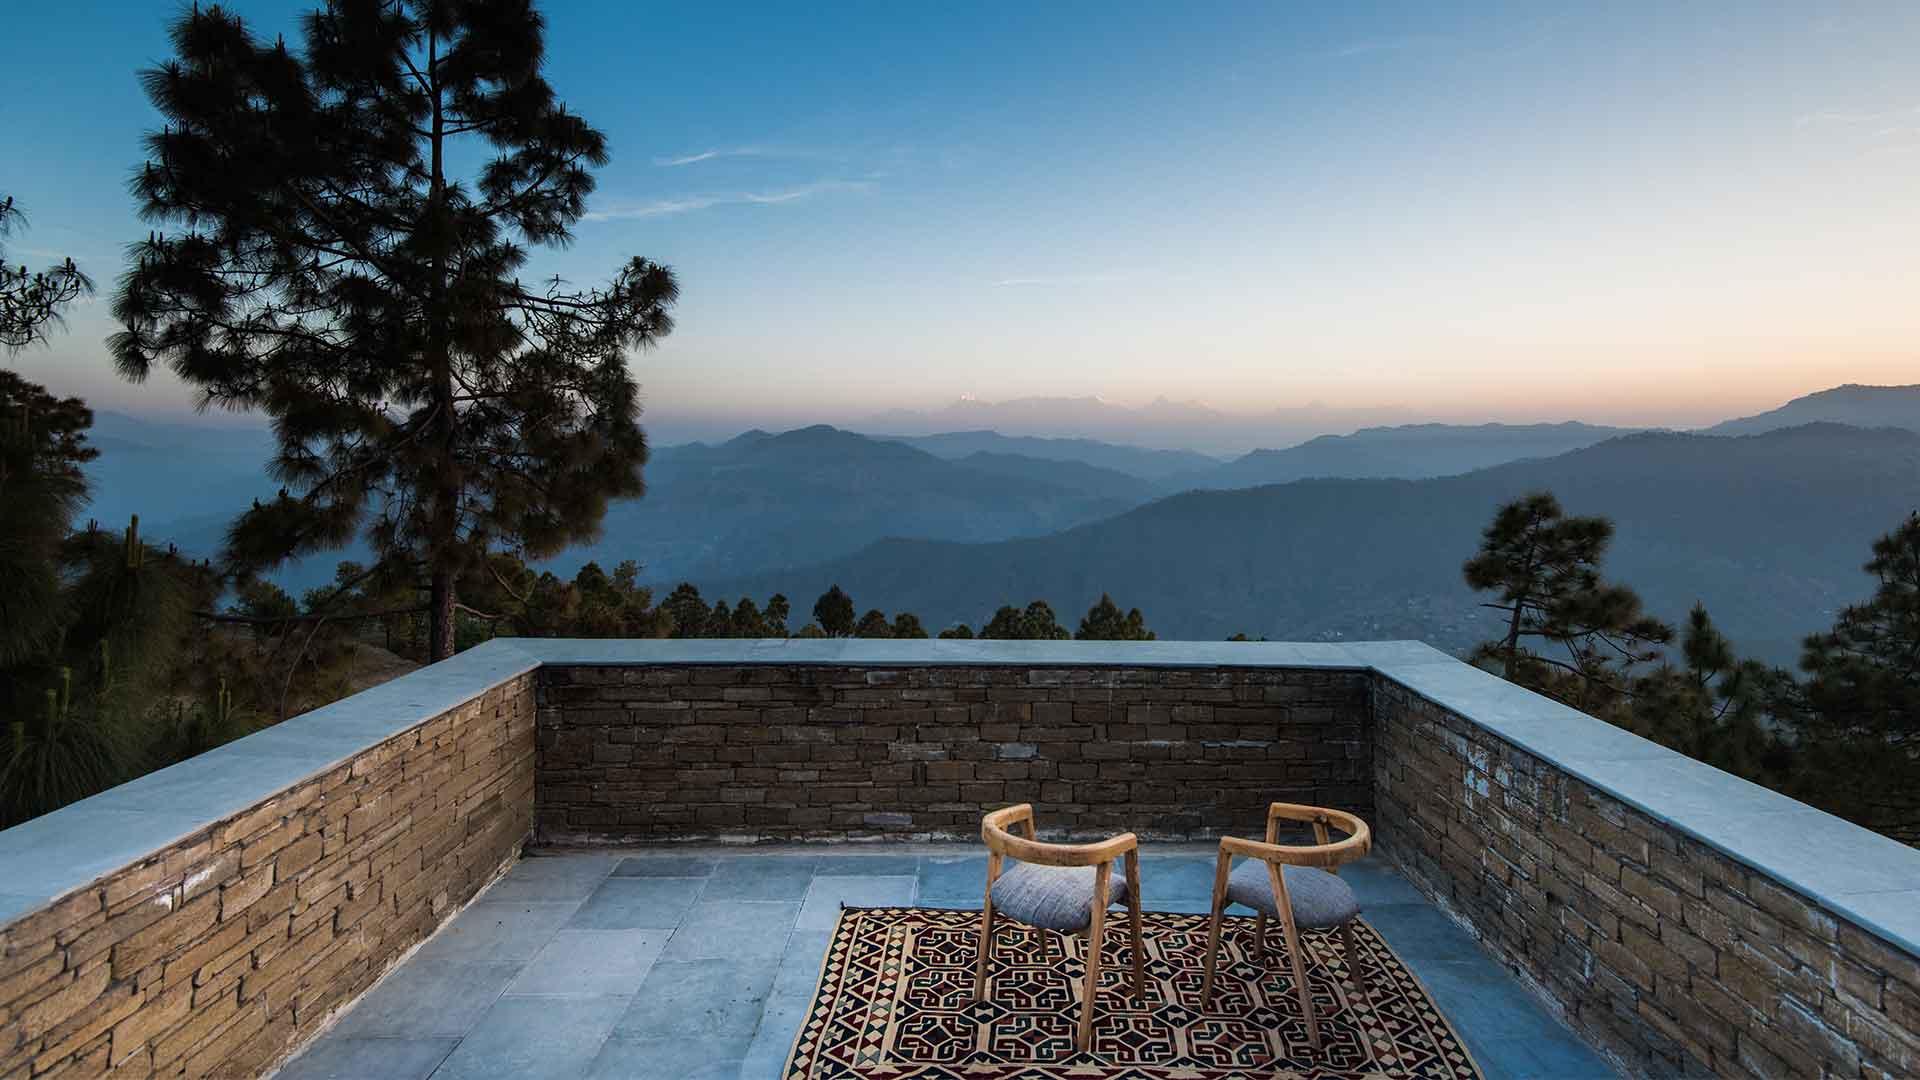 Kumaon Resort In Uttarakhand Has Unparalleled Views Of The